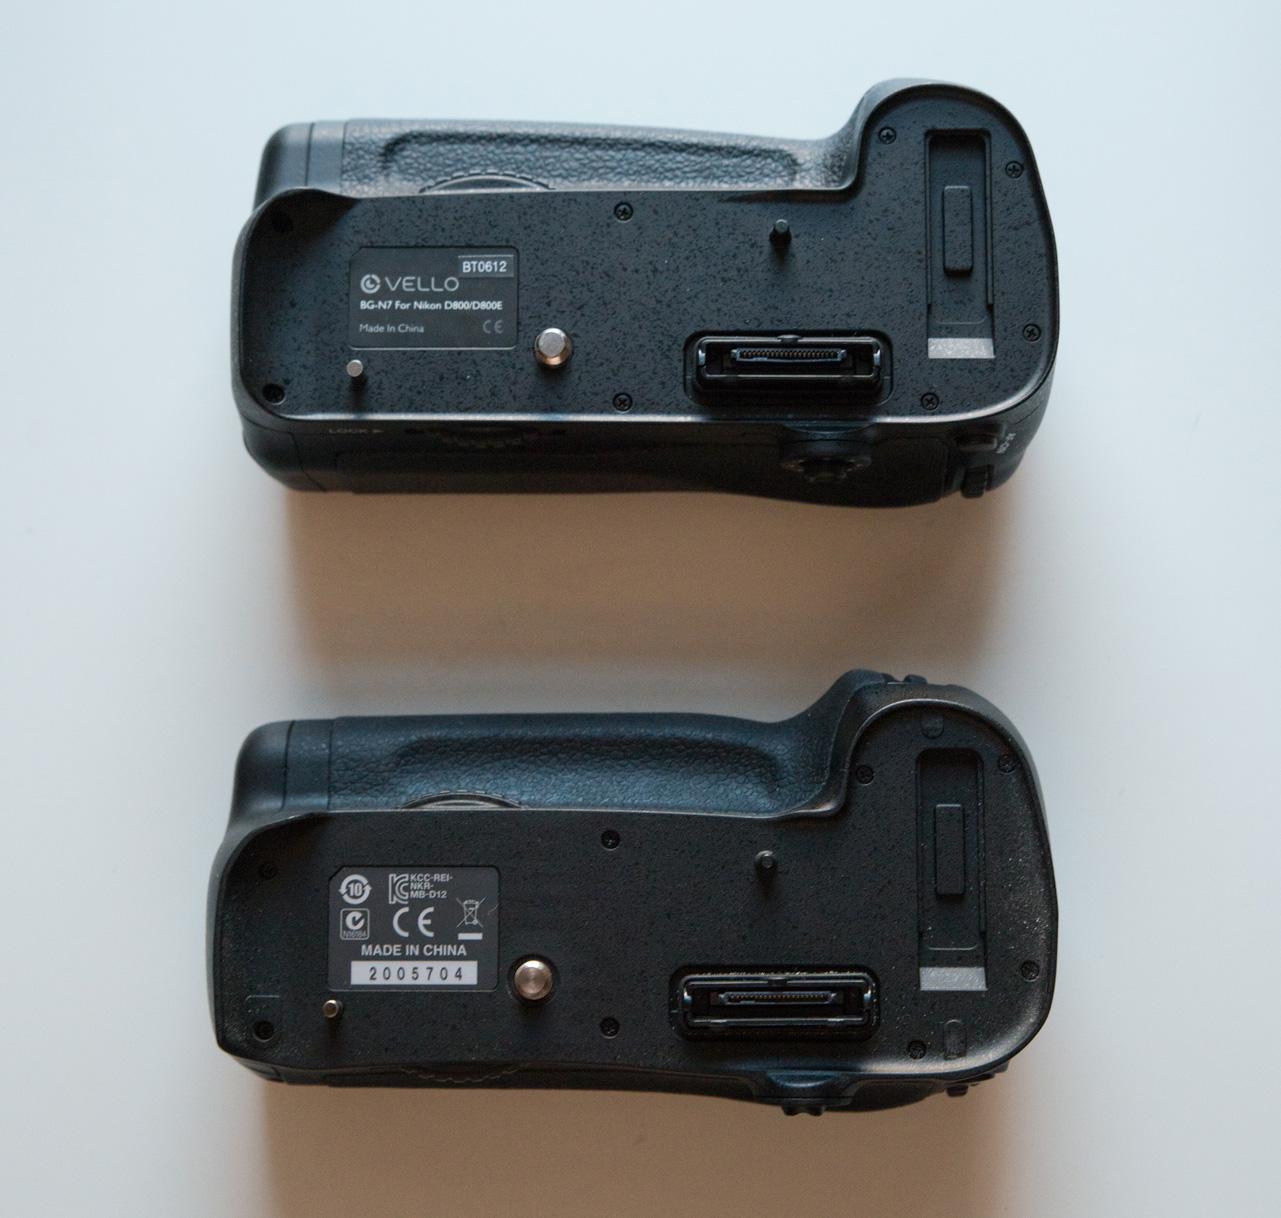 Nikon MB-D12 vs Vello BG-N7 grip review